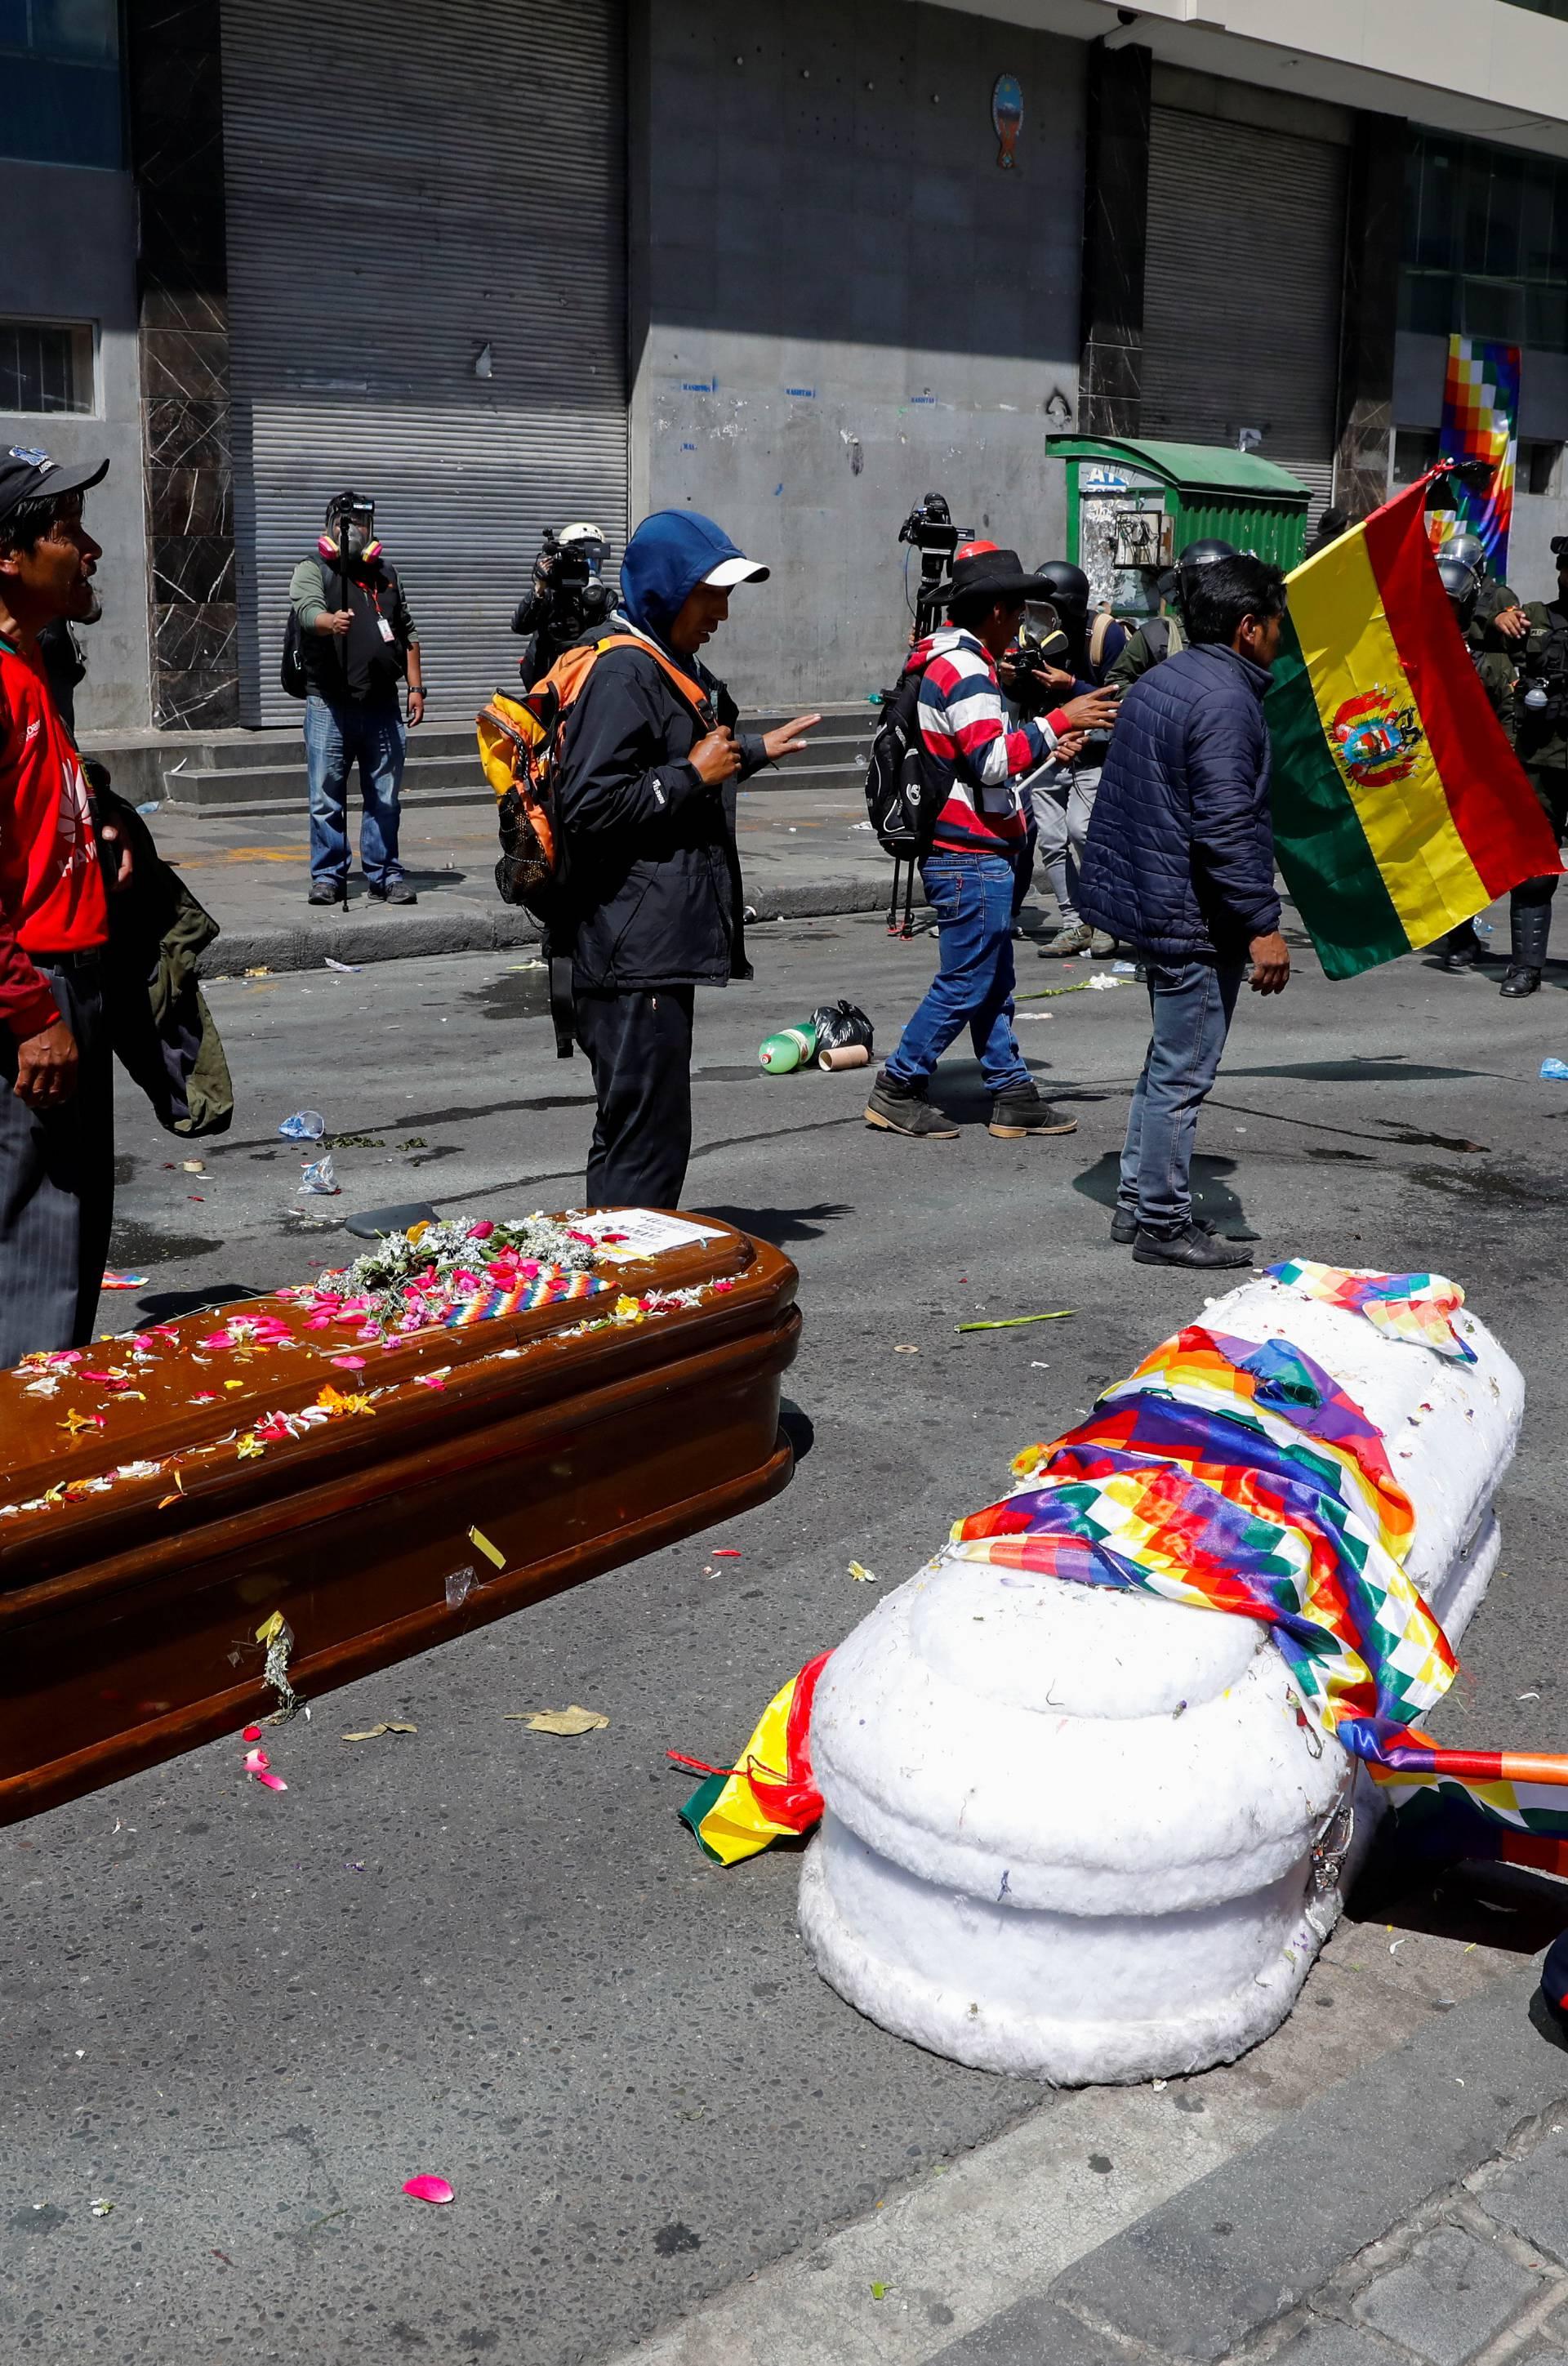 Kaos u Boliviji: Bacali lijesove nakon suzavca i batinjanja...